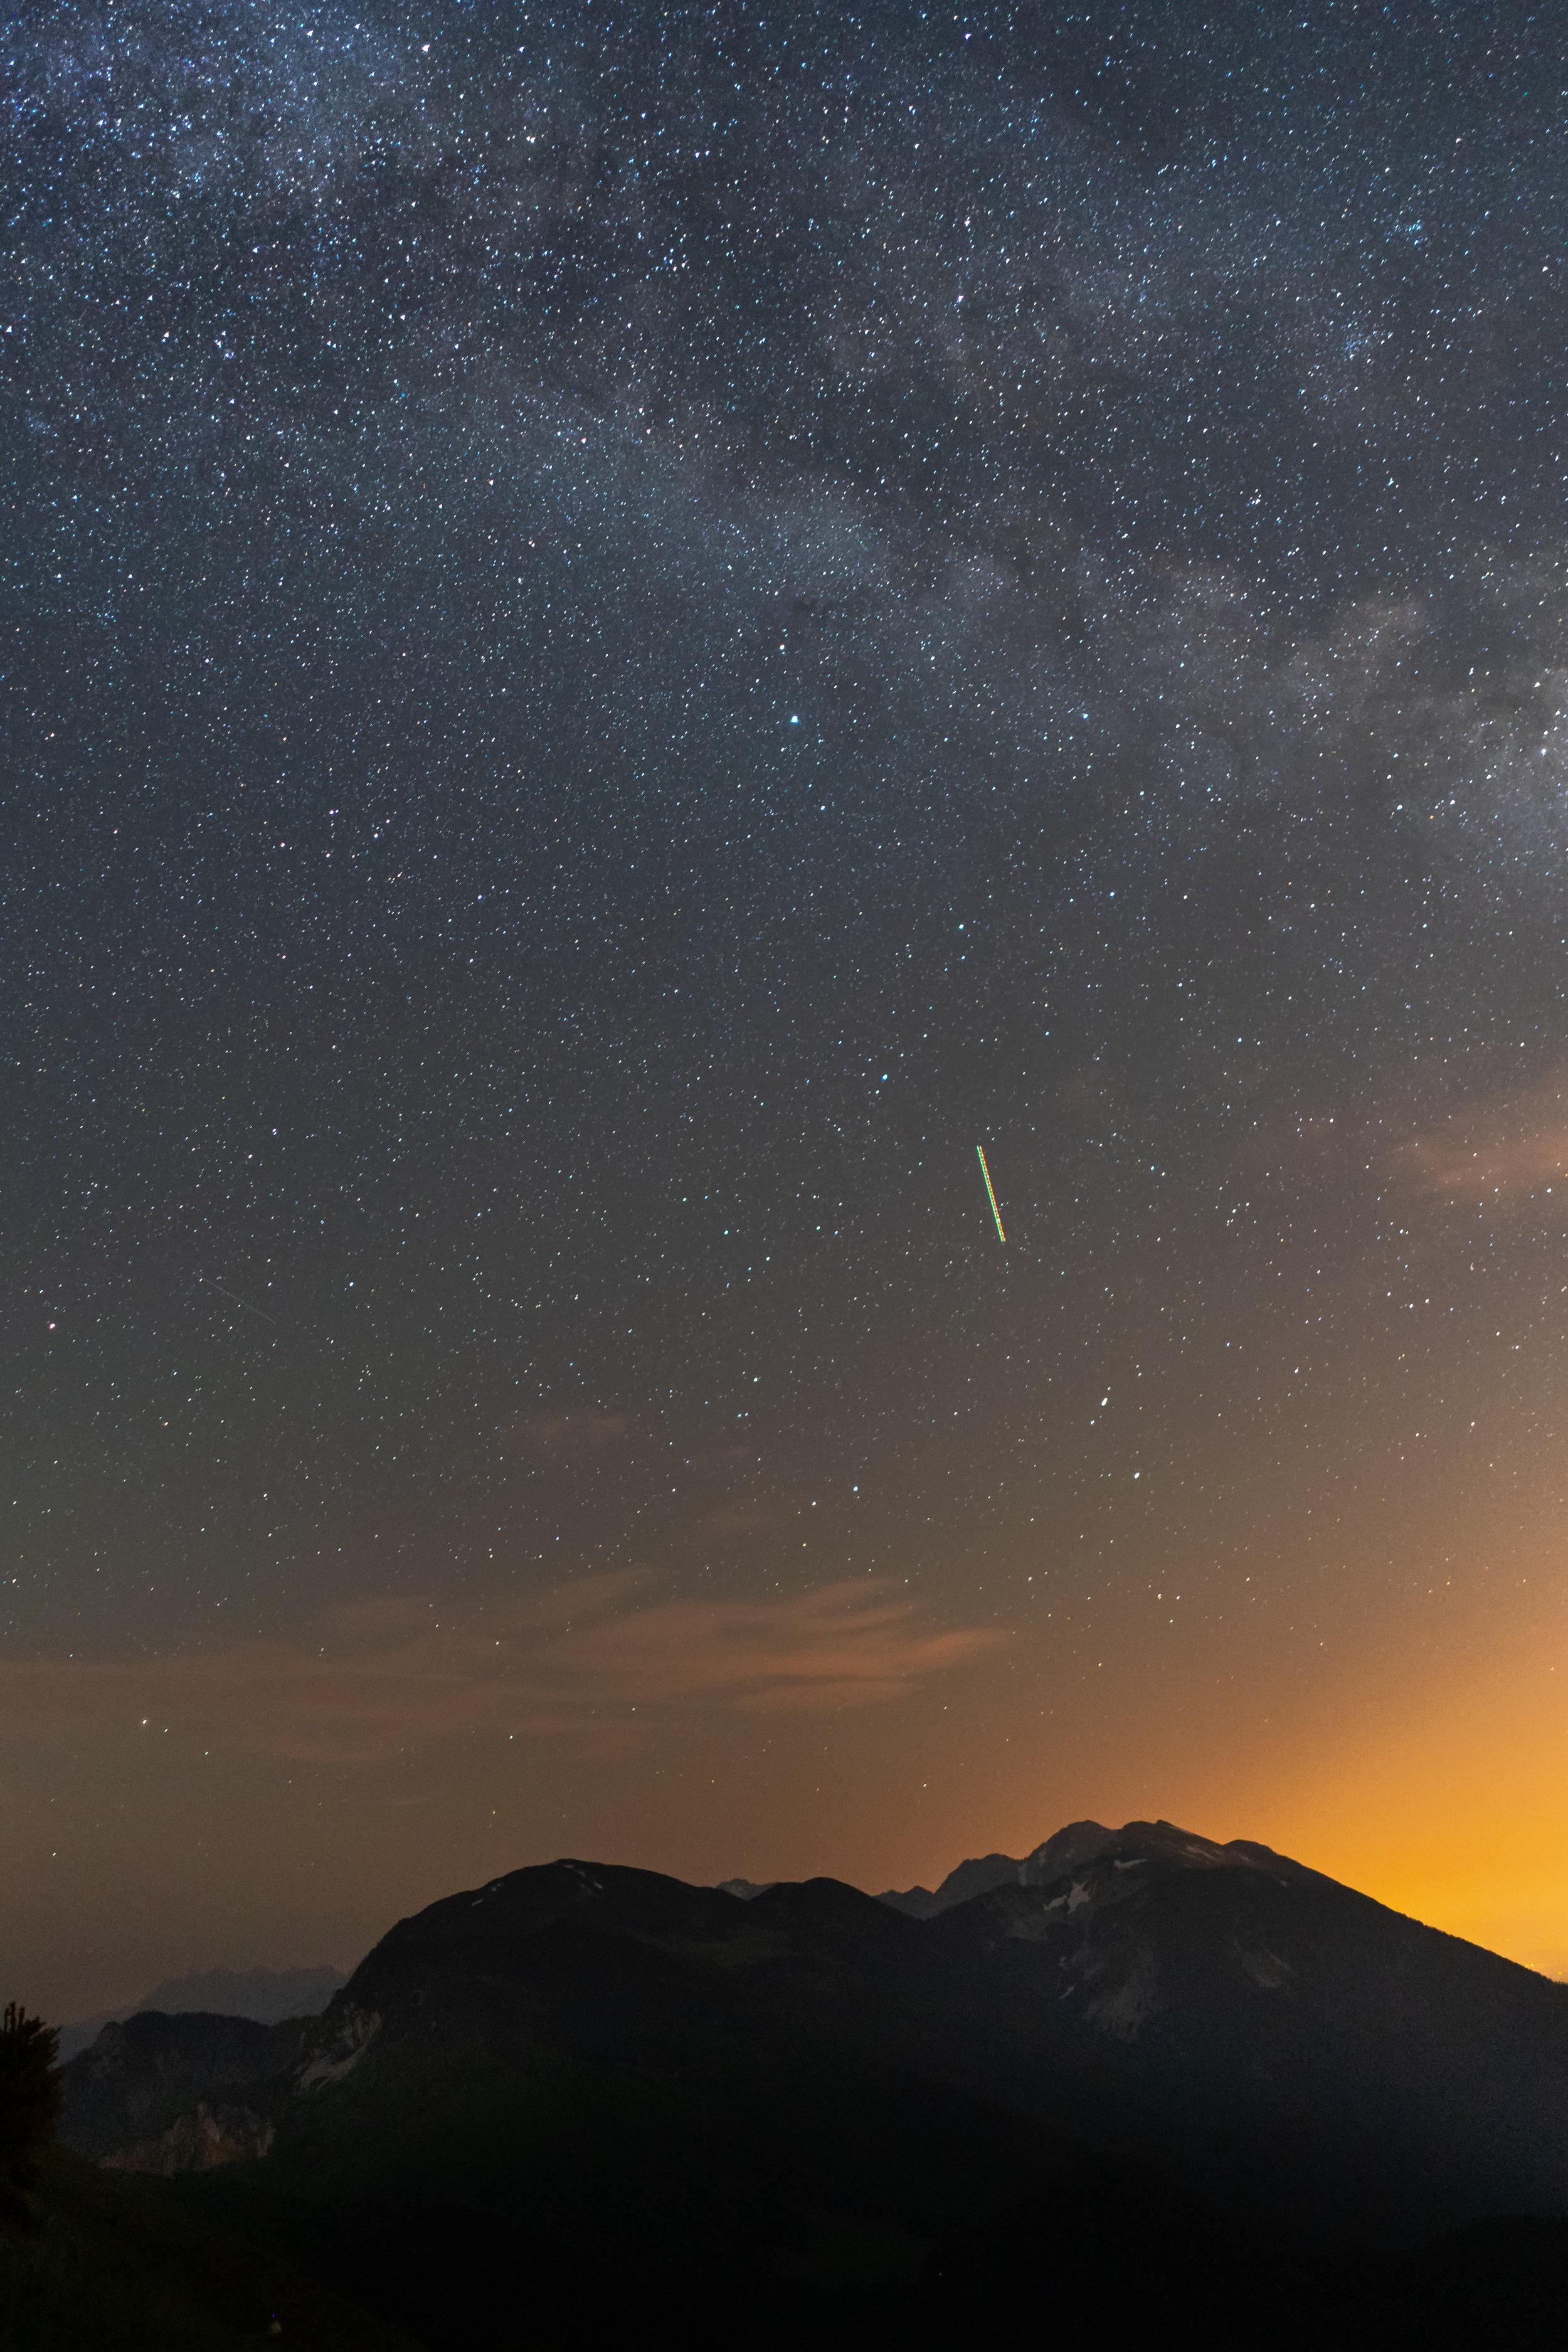 Stars above Mt. Stol, the highest peak in the Karawanks.